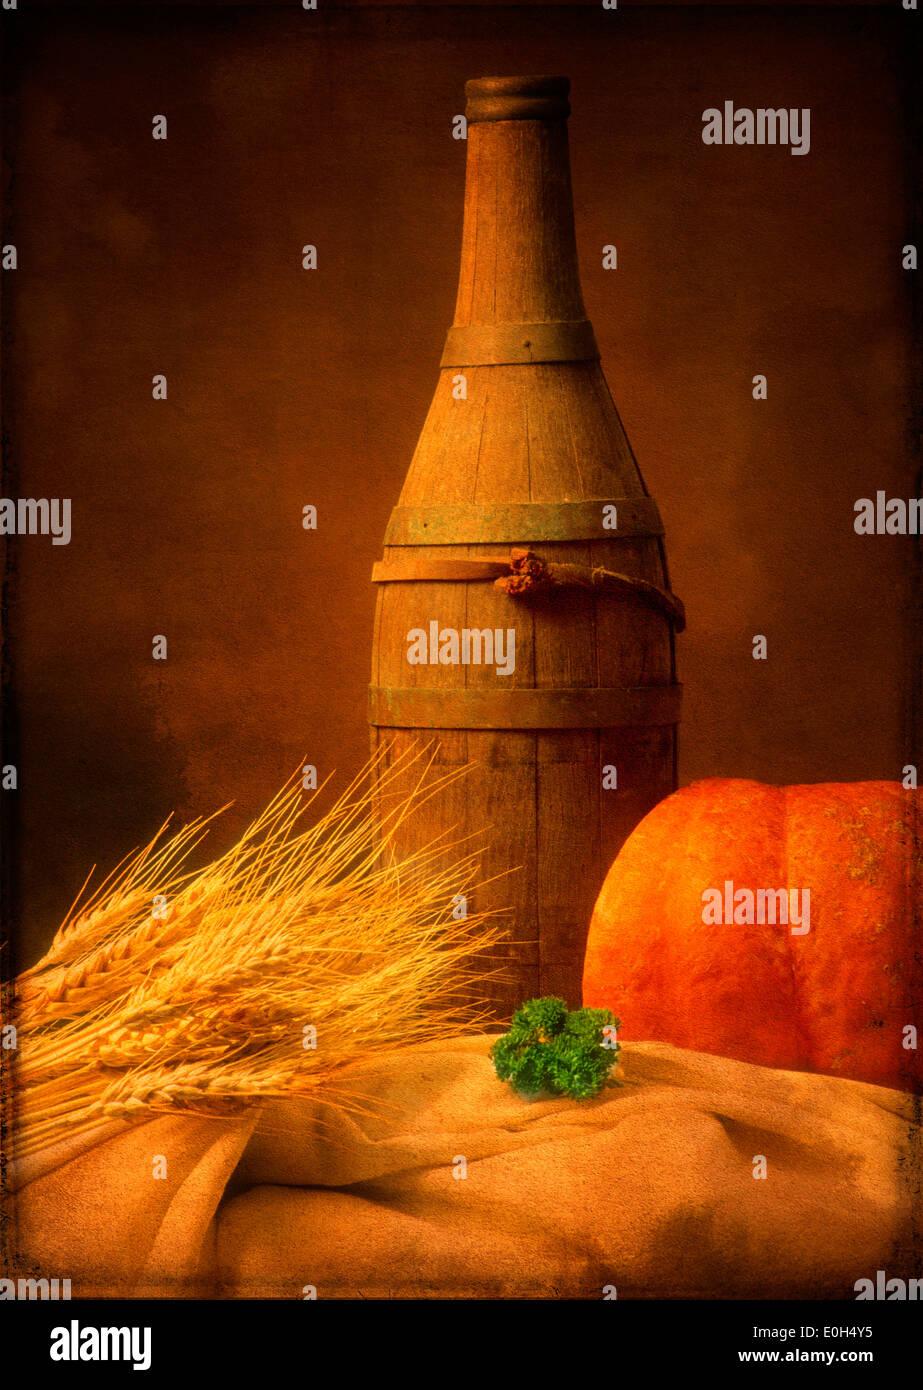 Rustikale Stillleben mit Essen und trinken mit Weizen, Kürbis und Holzfass-Flasche Stockbild